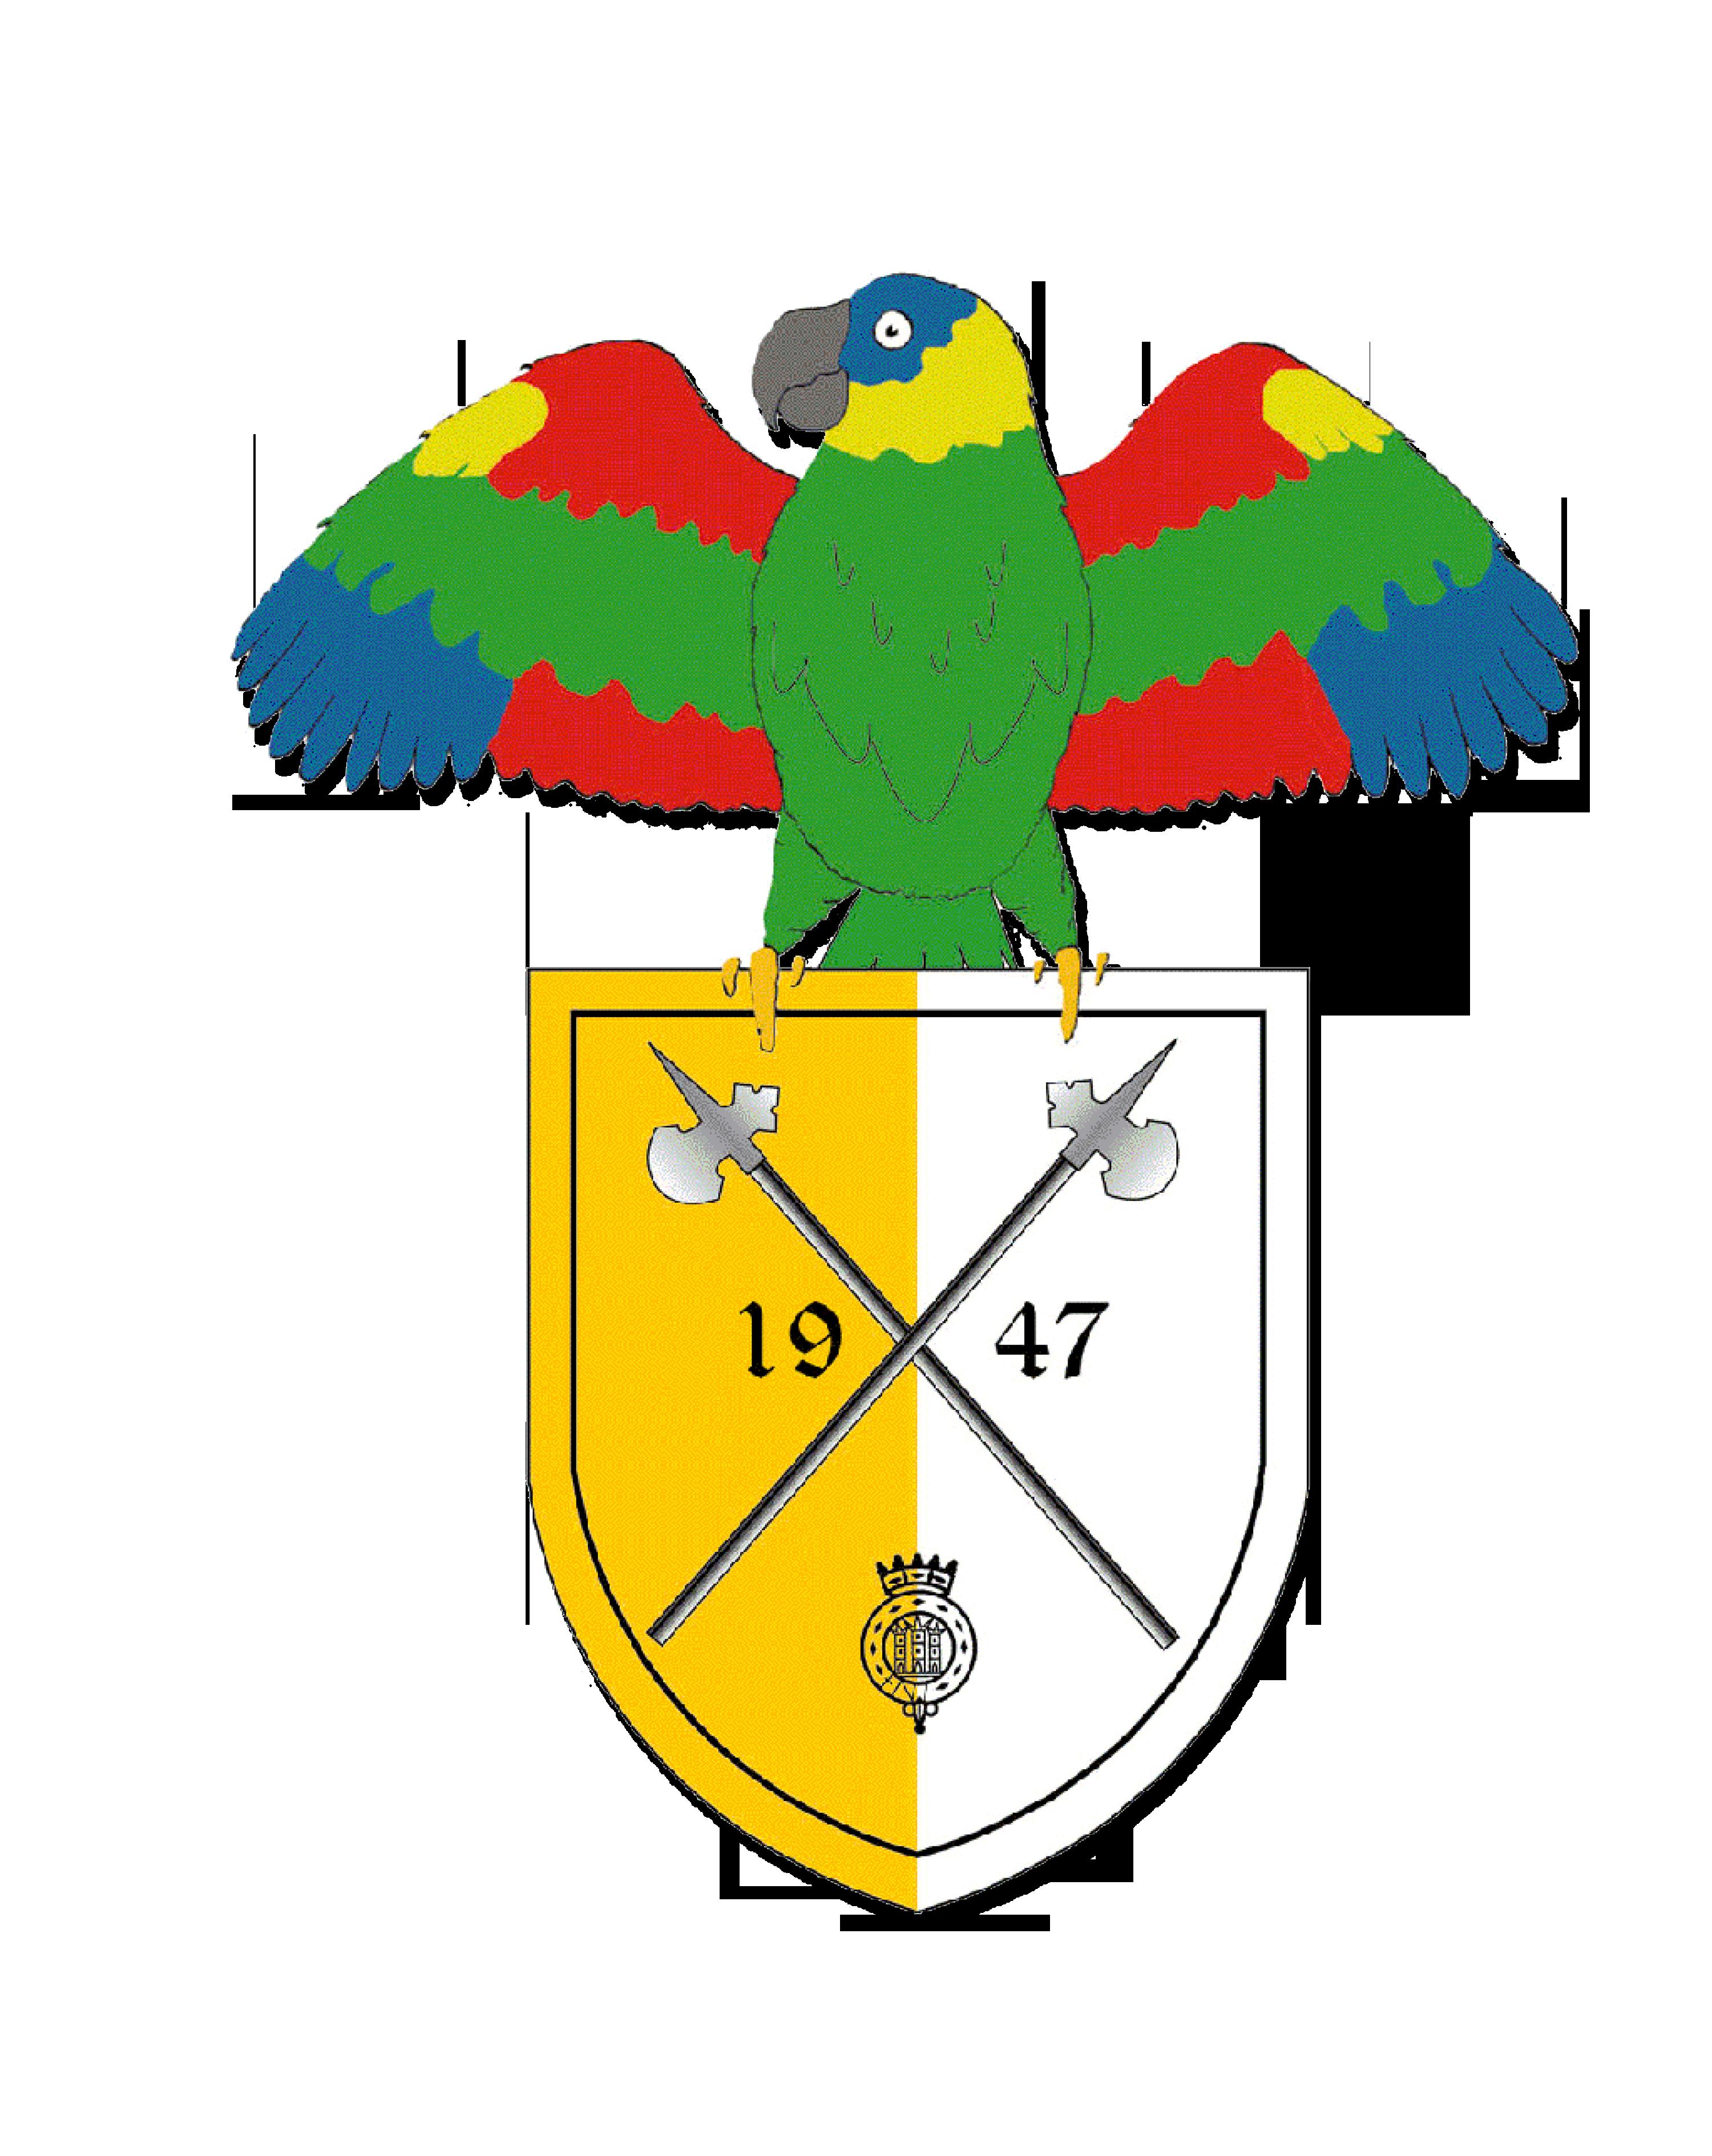 Wappen der Sektion Schreckensteiner